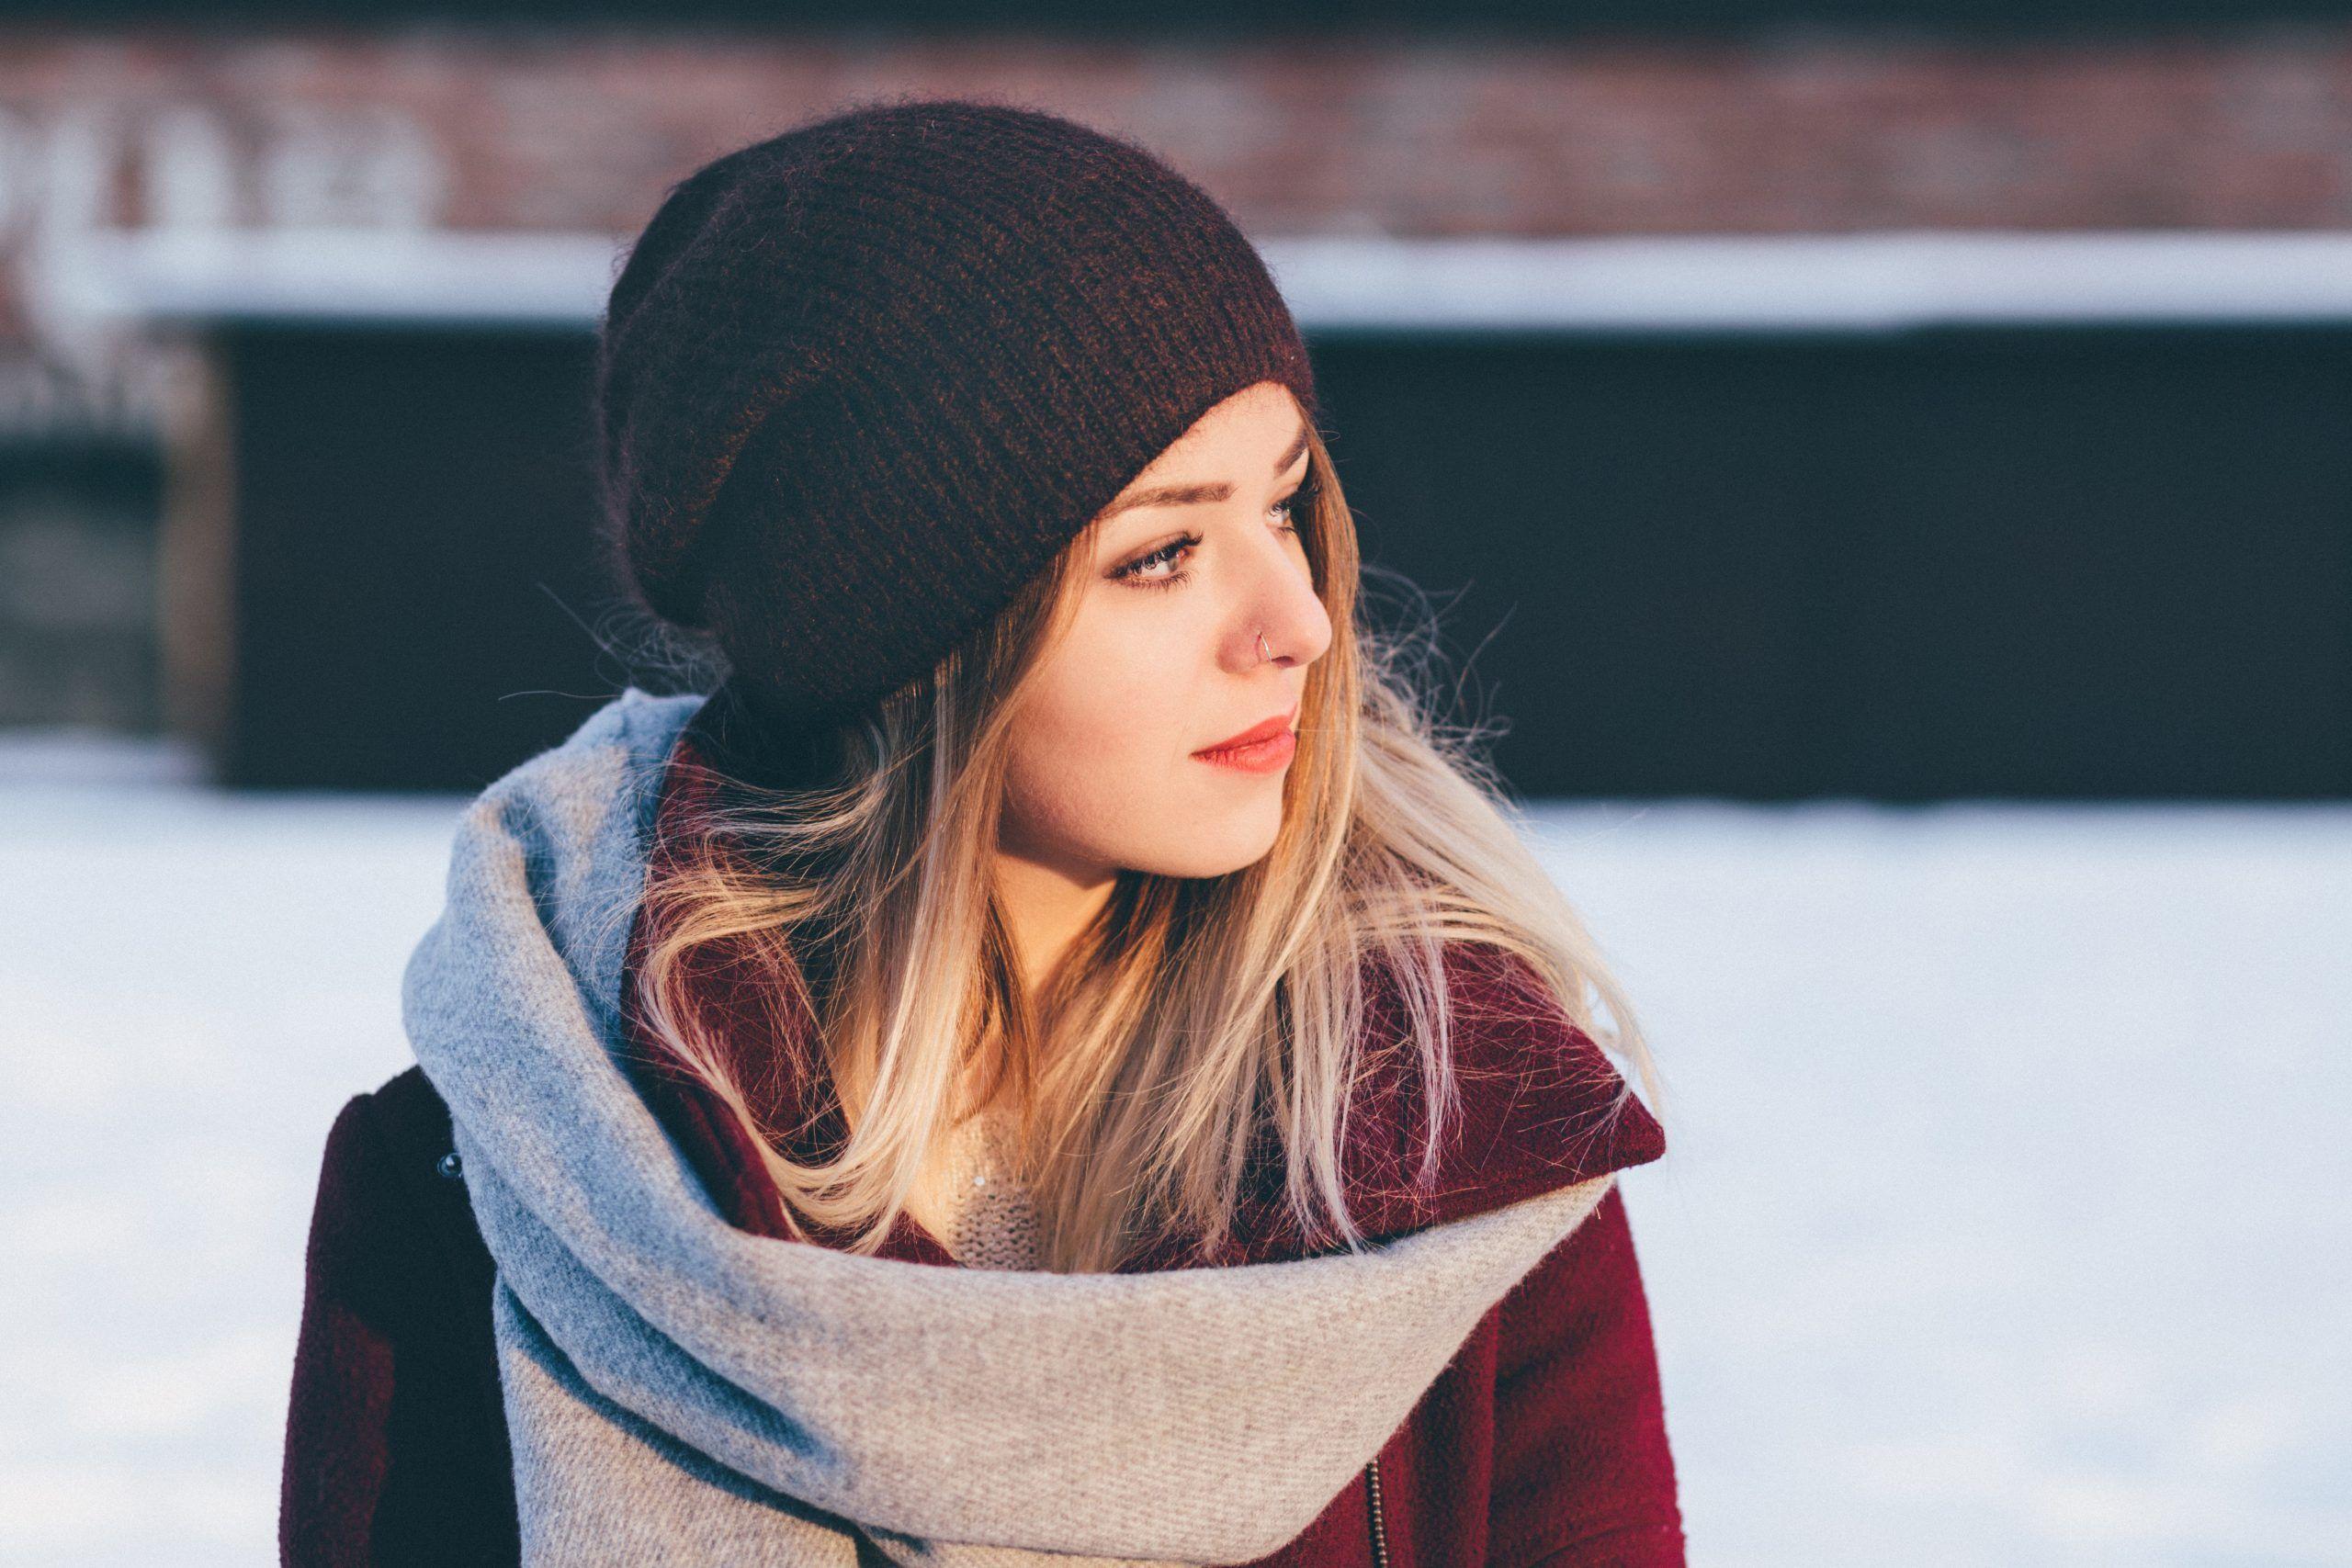 malos hábitos piel no usar protección solar invierno